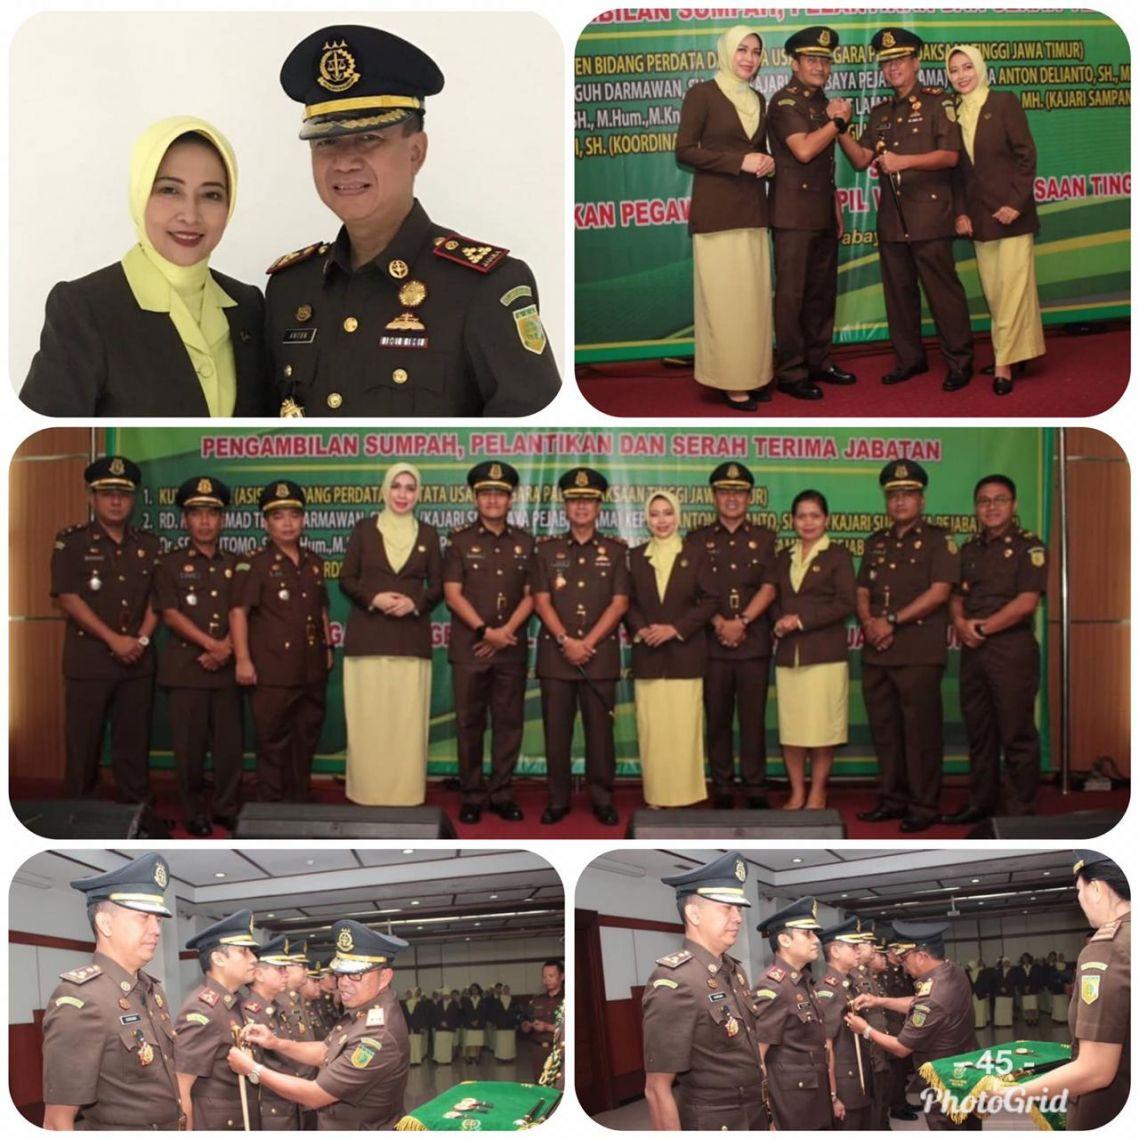 Serah Terima Jabatan Kepala Kejaksaan Negeri Surabaya 24-04-2019